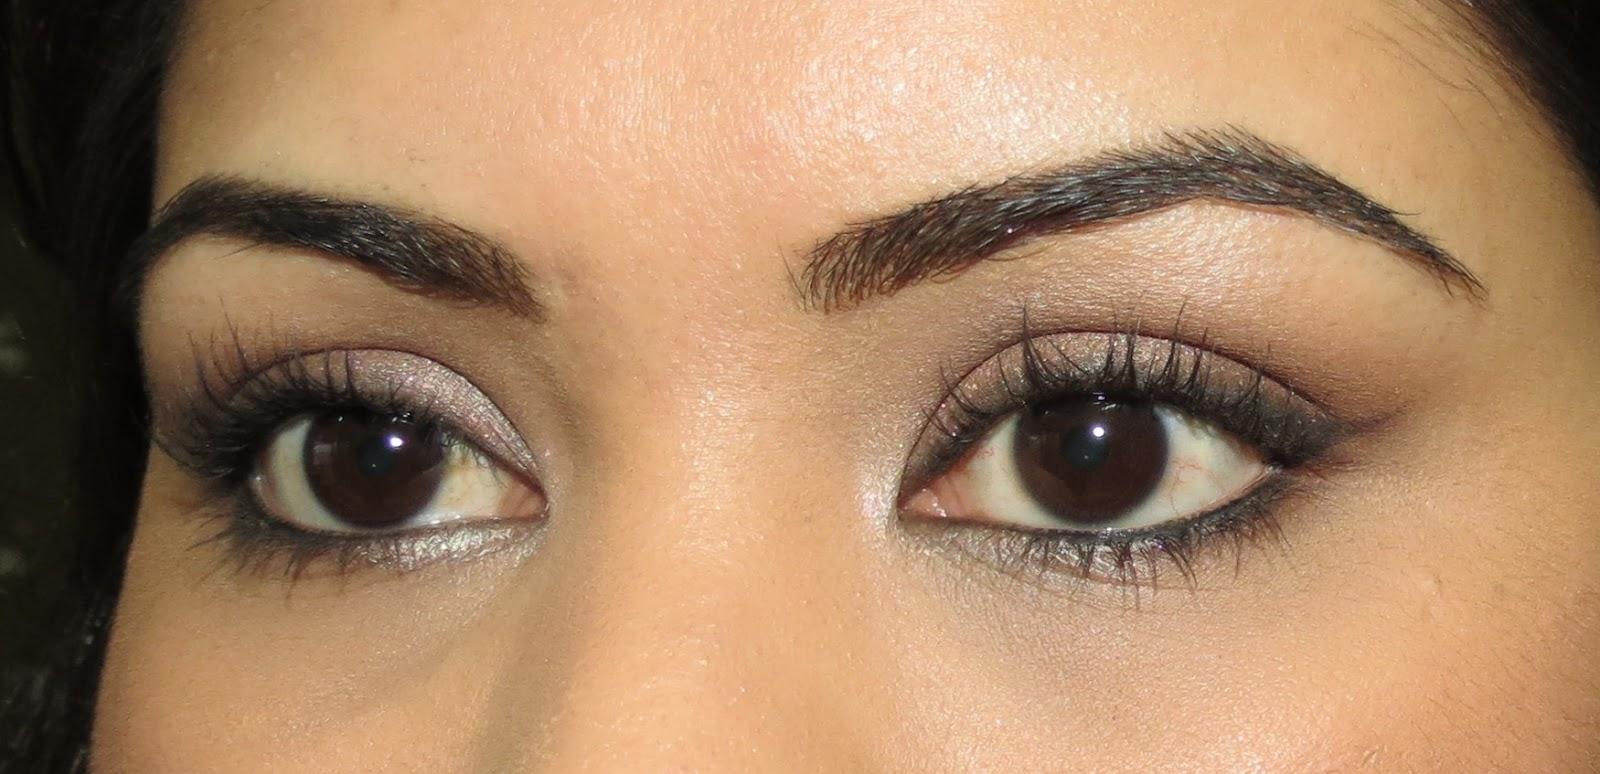 Dark Brown Eyes Almost Black Pictures of eyes and lipsVery Dark Brown Eyes Almost Black